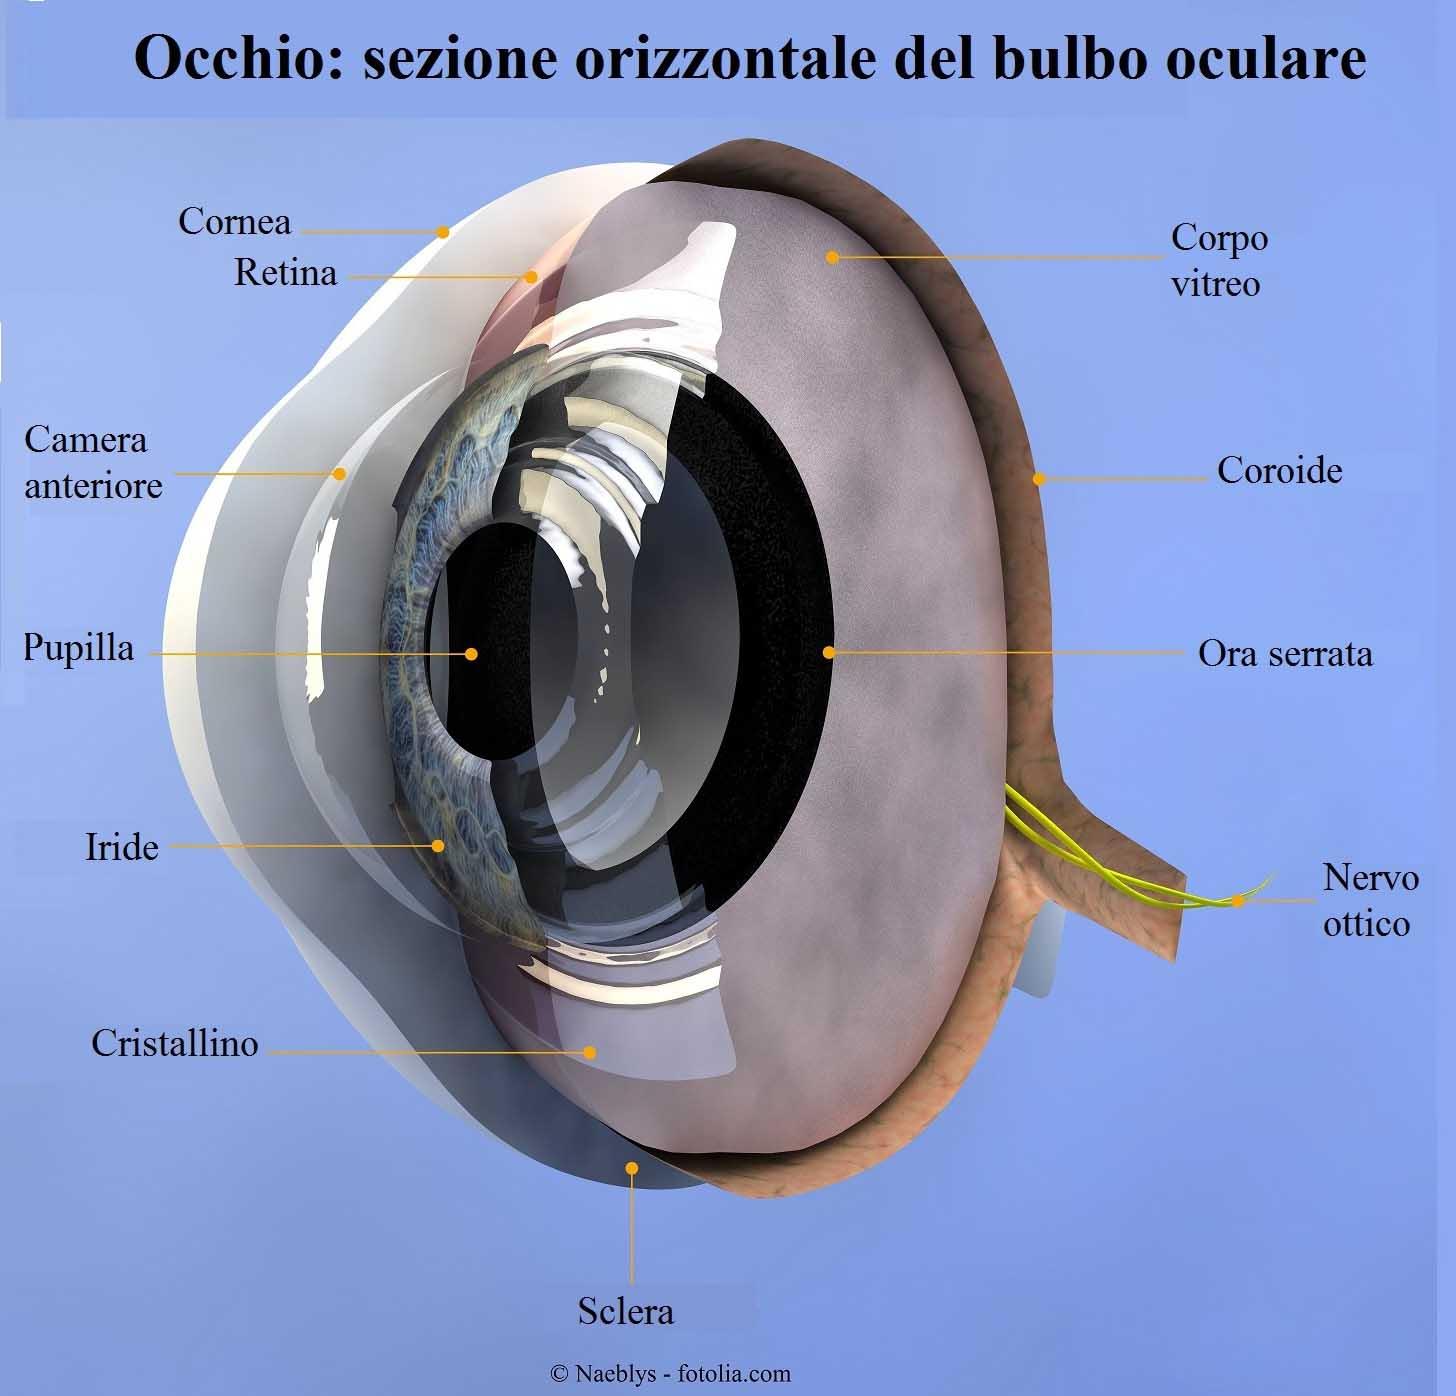 Occhio-cornea-retina-coroide-sclera